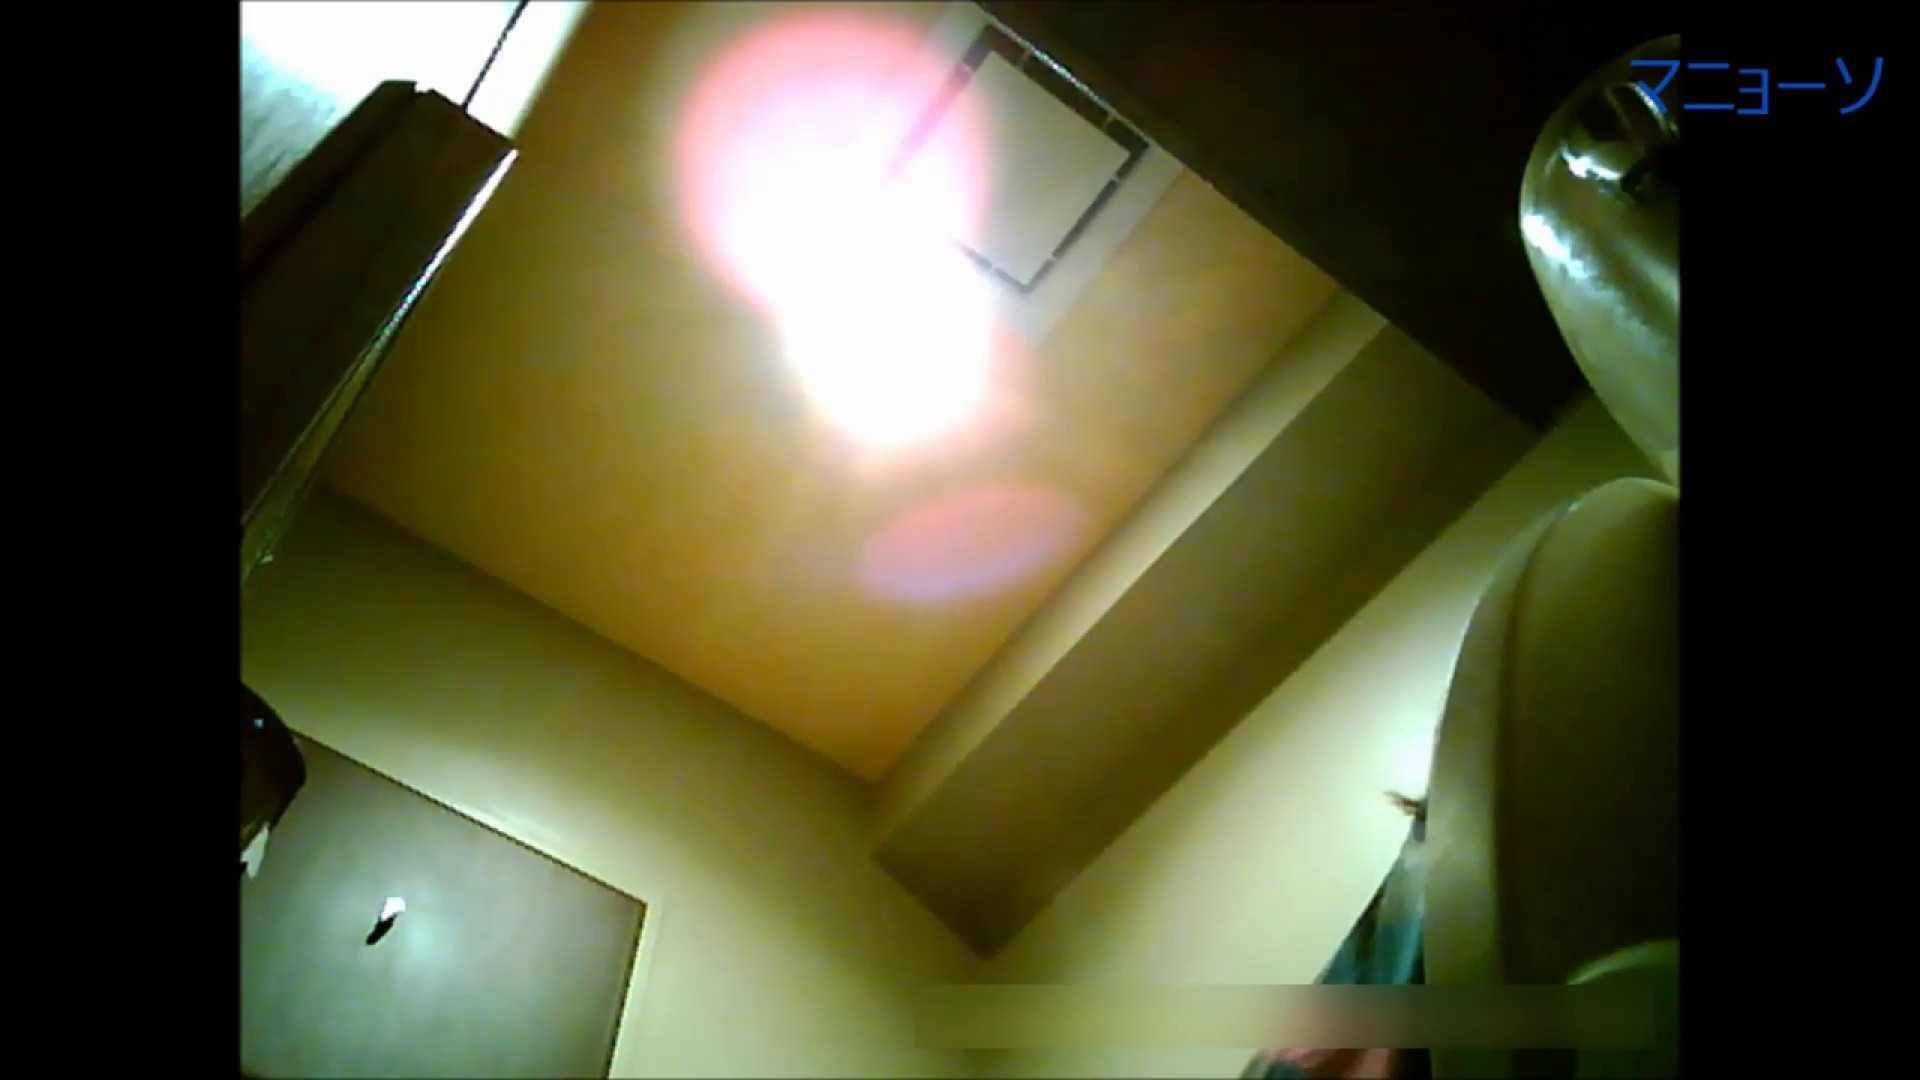 トイレでひと肌脱いでもらいました (JD編)Vol.02 トイレ中の女子達 | エッチすぎるOL達  106連発 73